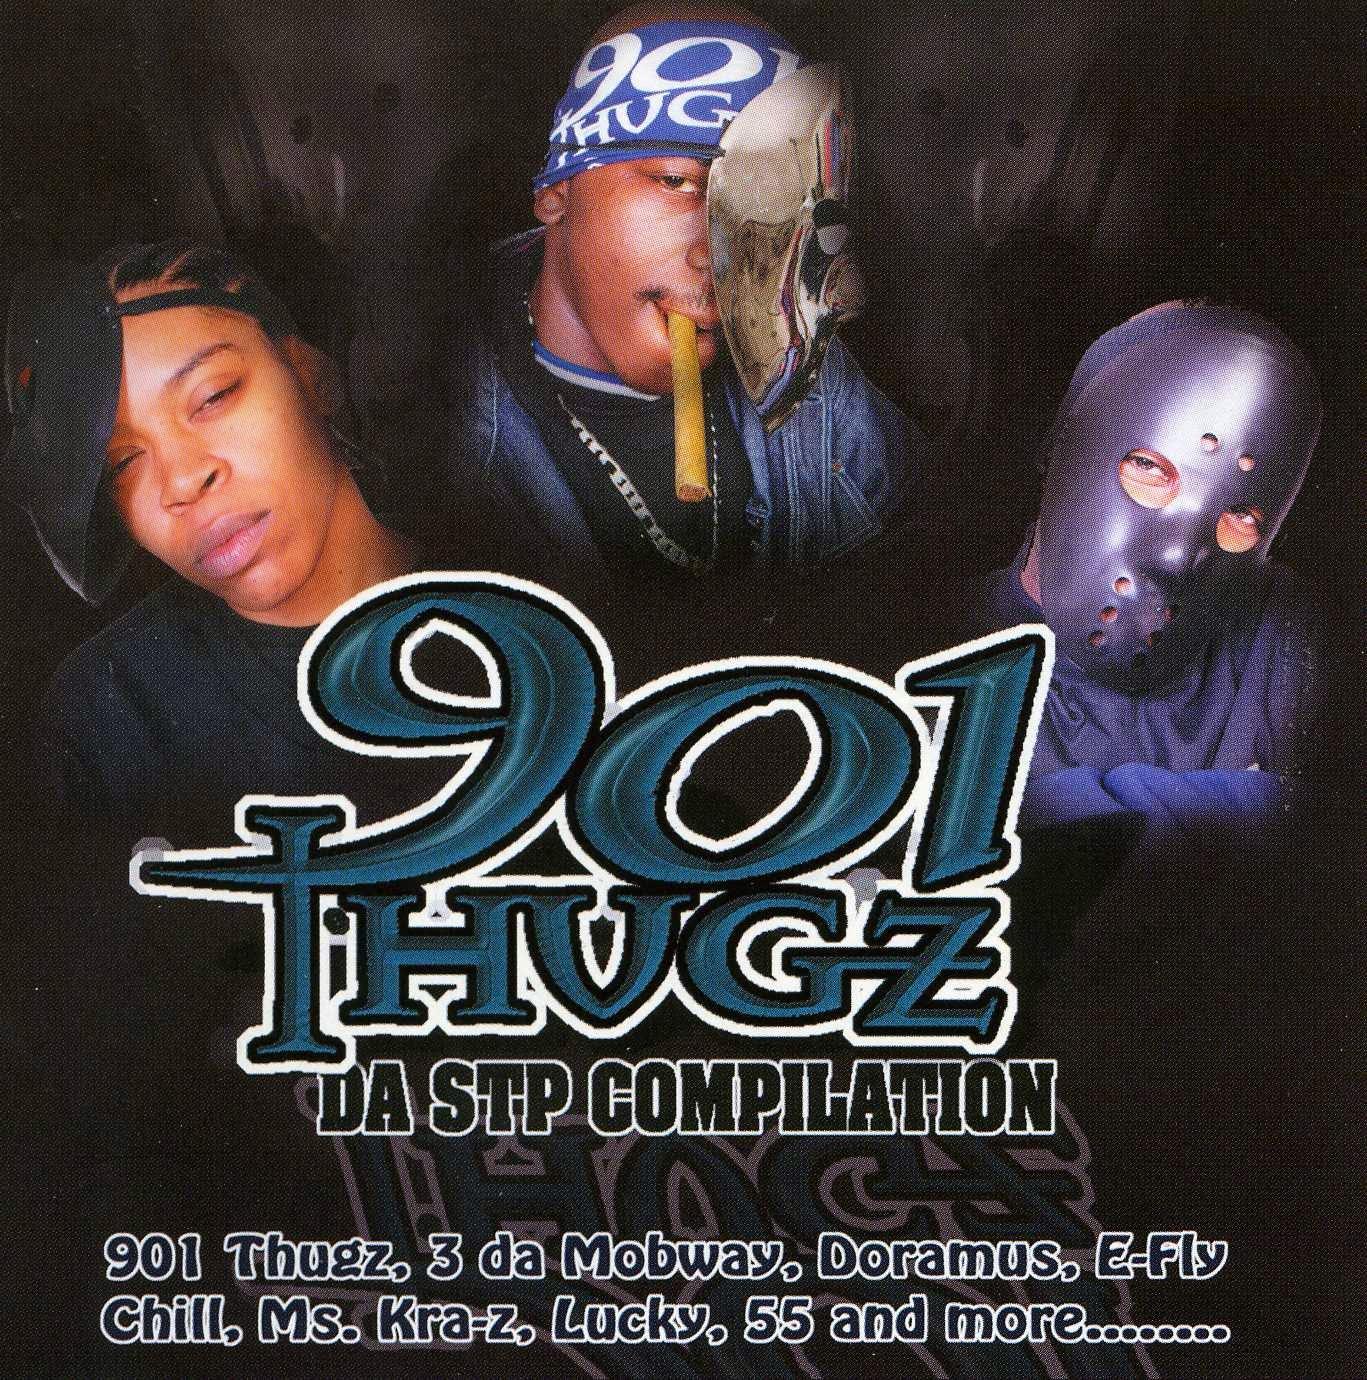 901 Thugz - Da STP Compilation